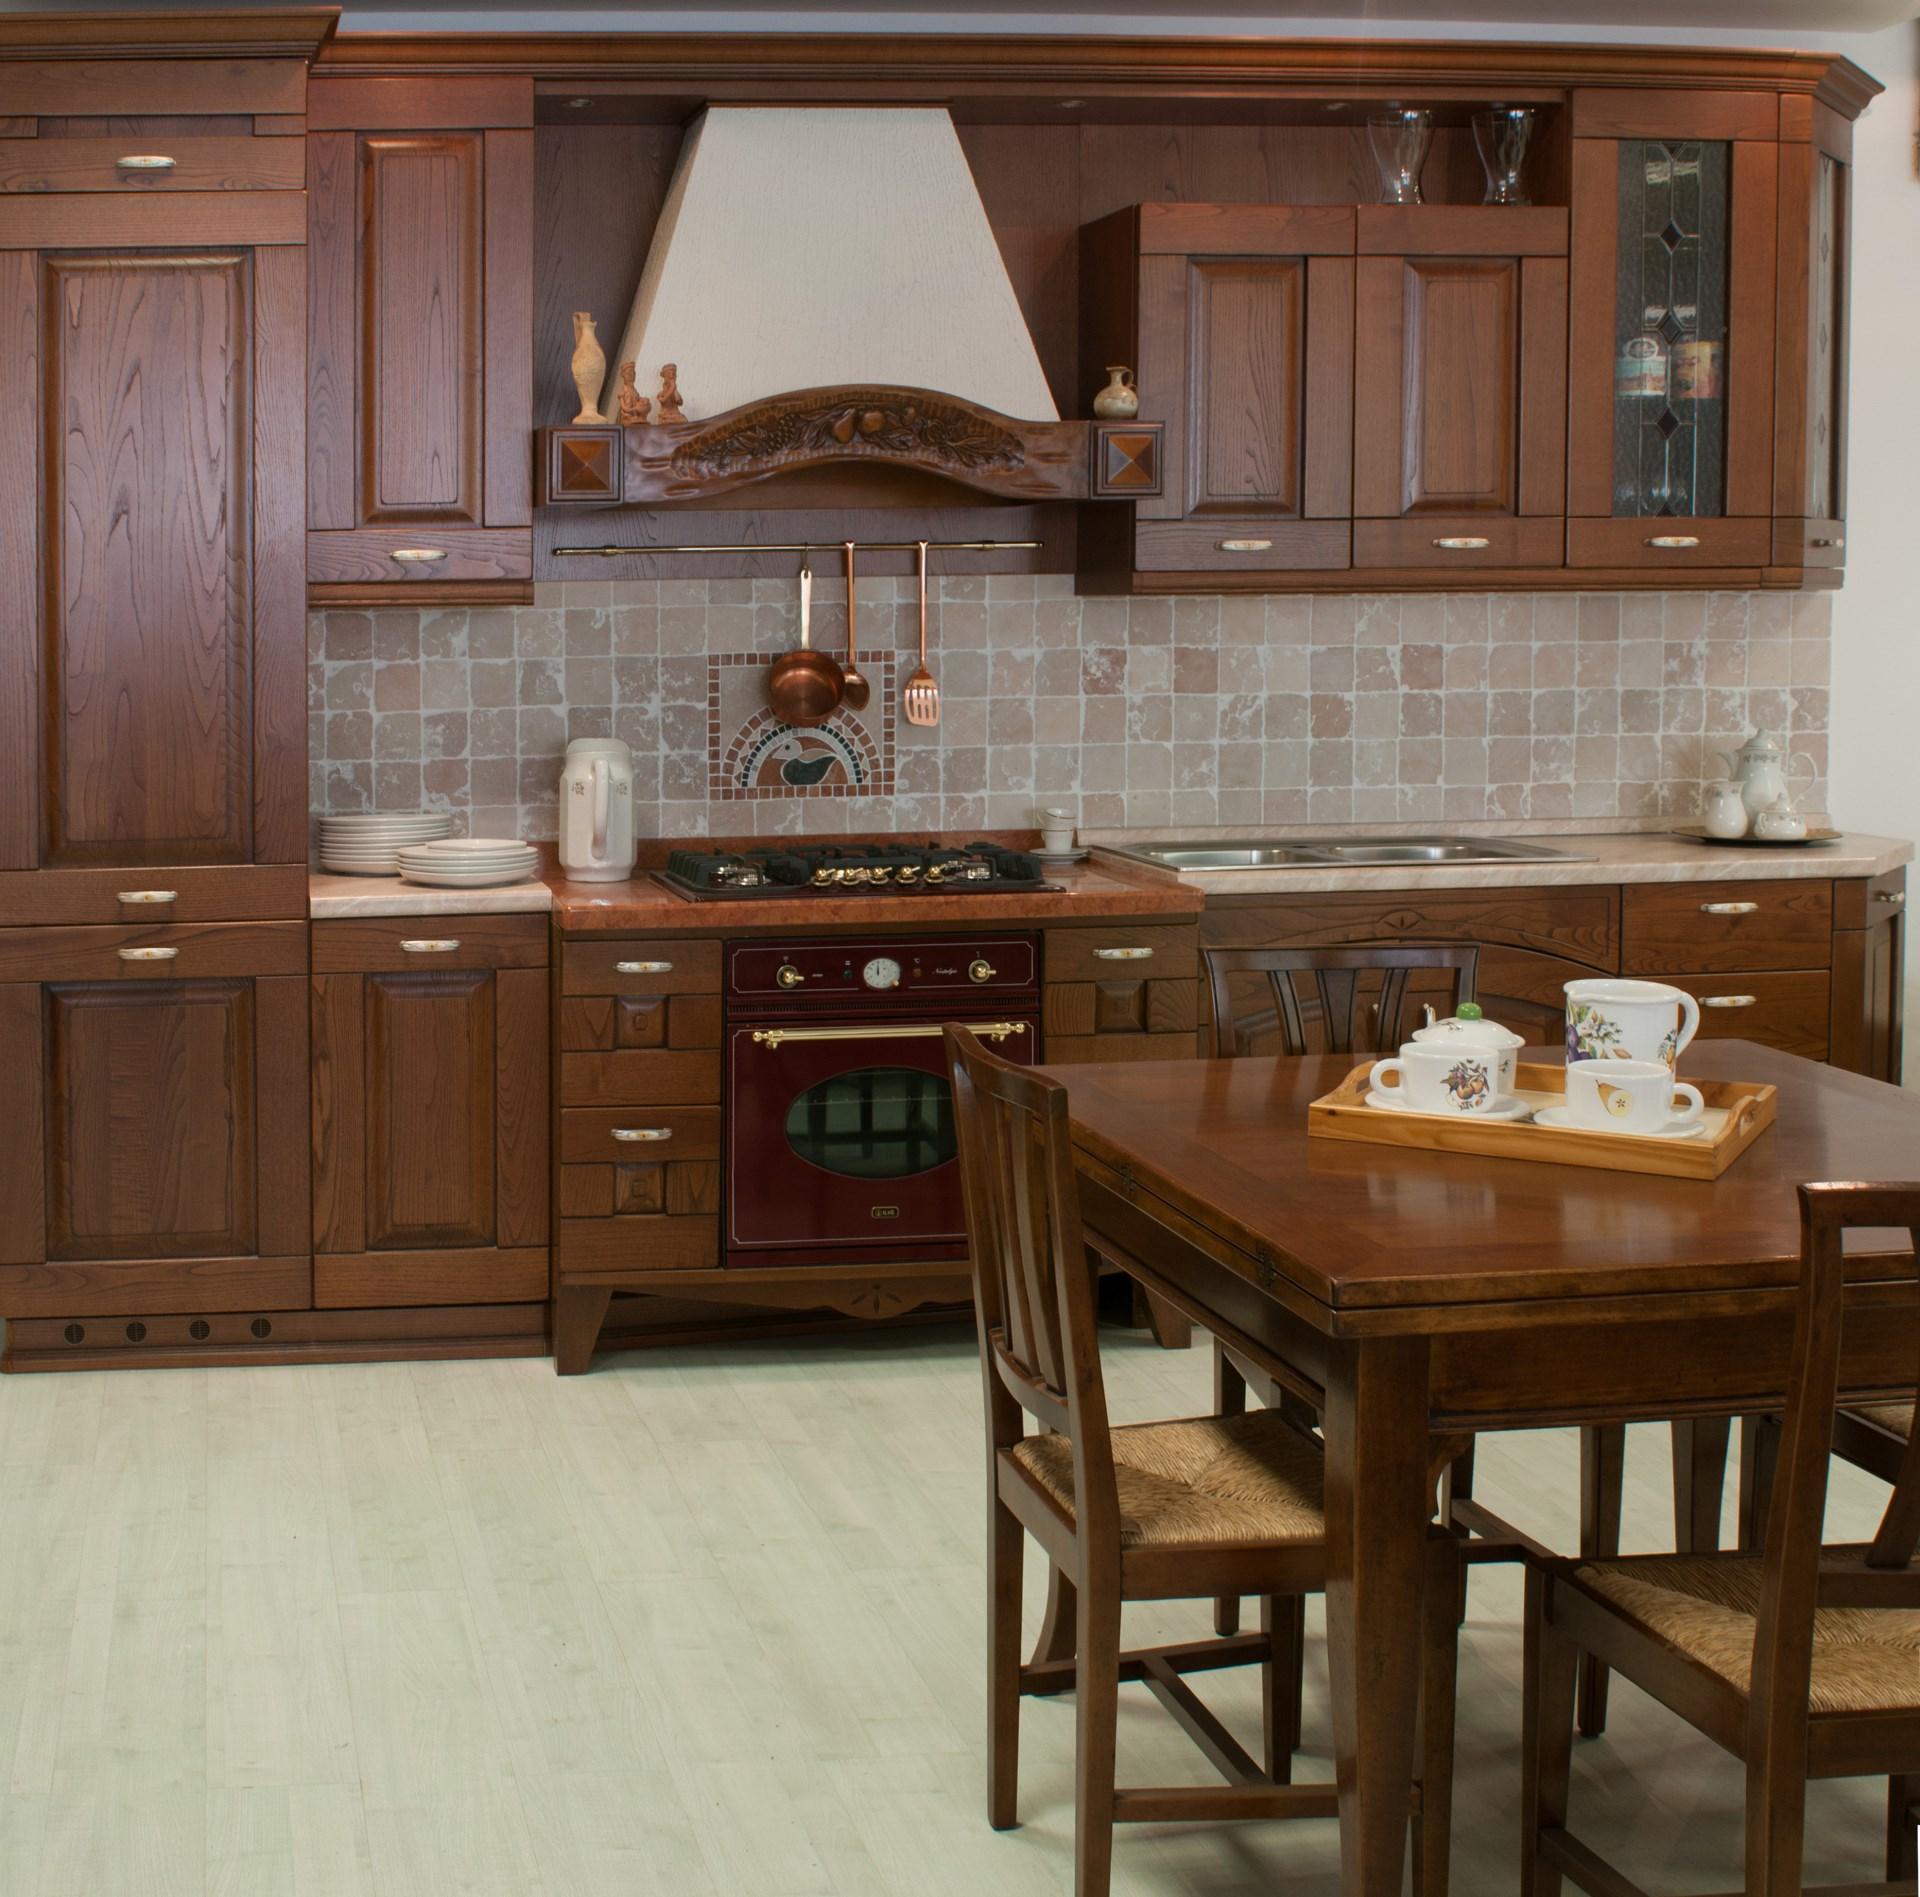 Cucina Stile Classico In Castagno Anta Massiccia Disponibile Anche In  #3B2516 1920 1897 Stile Classico Cucina